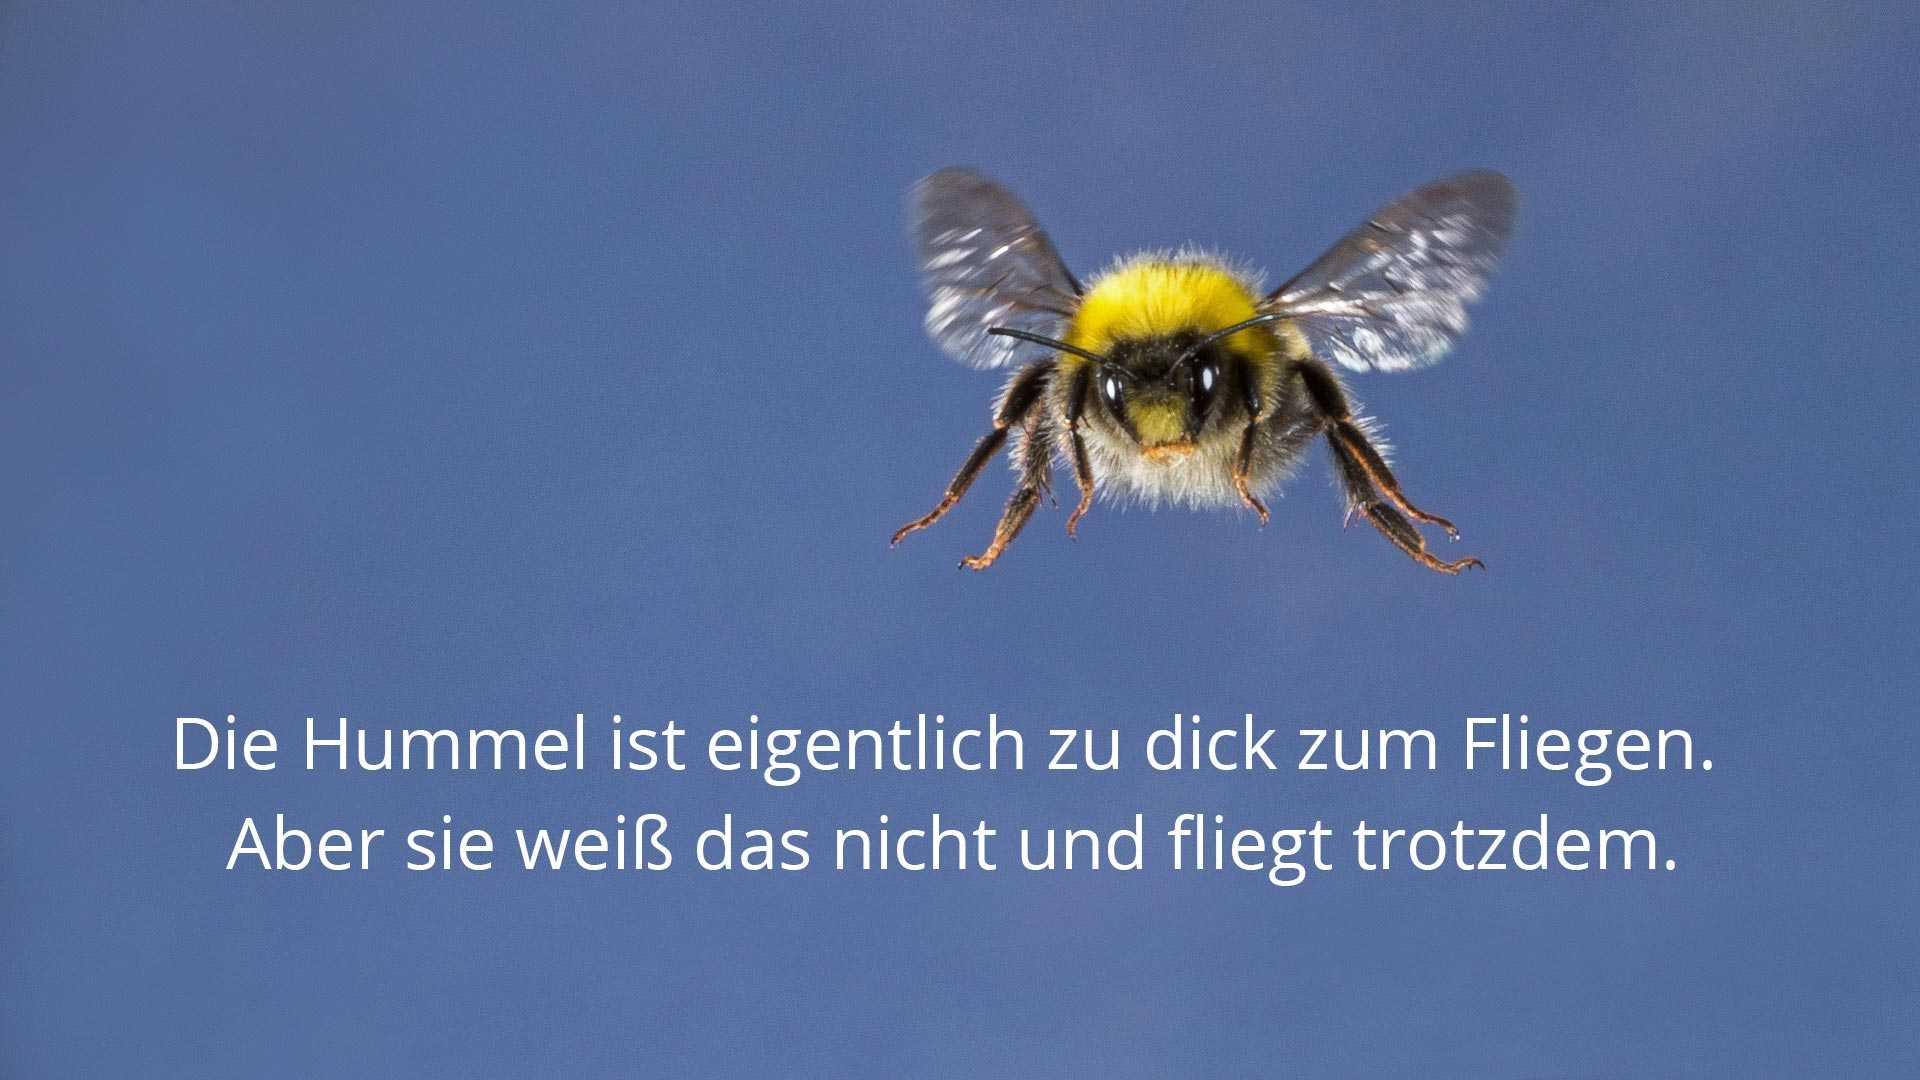 Das Hummel-Paradoxon besagt, dass Hummeln nach Gesetzen der Aerodynamik eigentlich nicht fliegen können dürften. Das stimmt aber nicht.